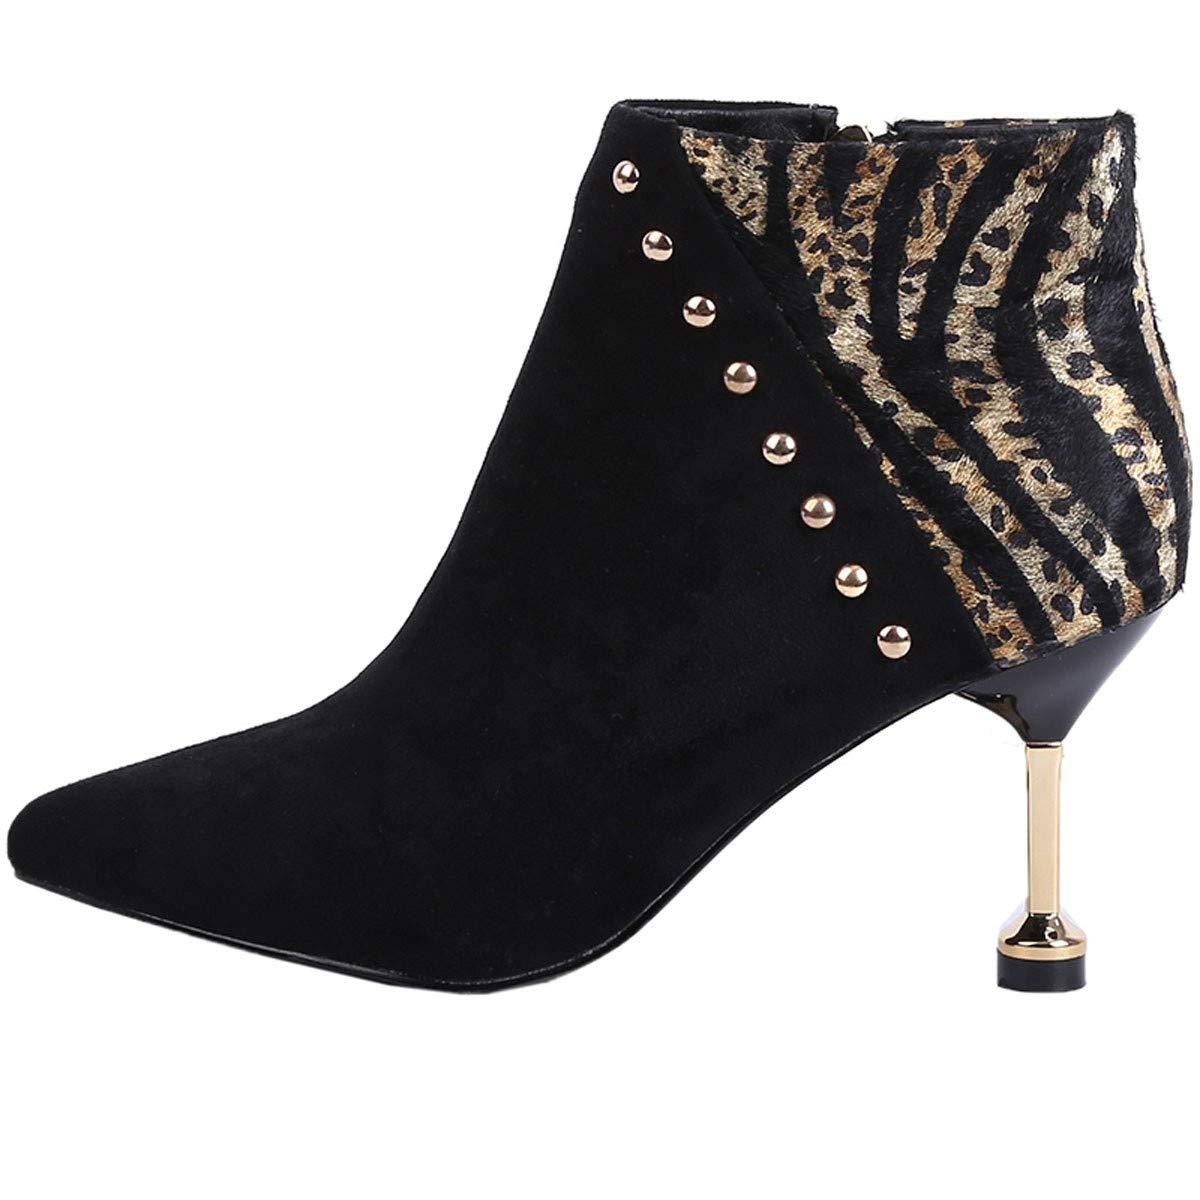 Noir GTVERNH-des Couleurs Rivet a souligné 7cm Talons Bottes de Nus des Bottes et Chaussures à Talons Martin Slim Bottes des Chaussures pour Femmes Mode Thirty-nine